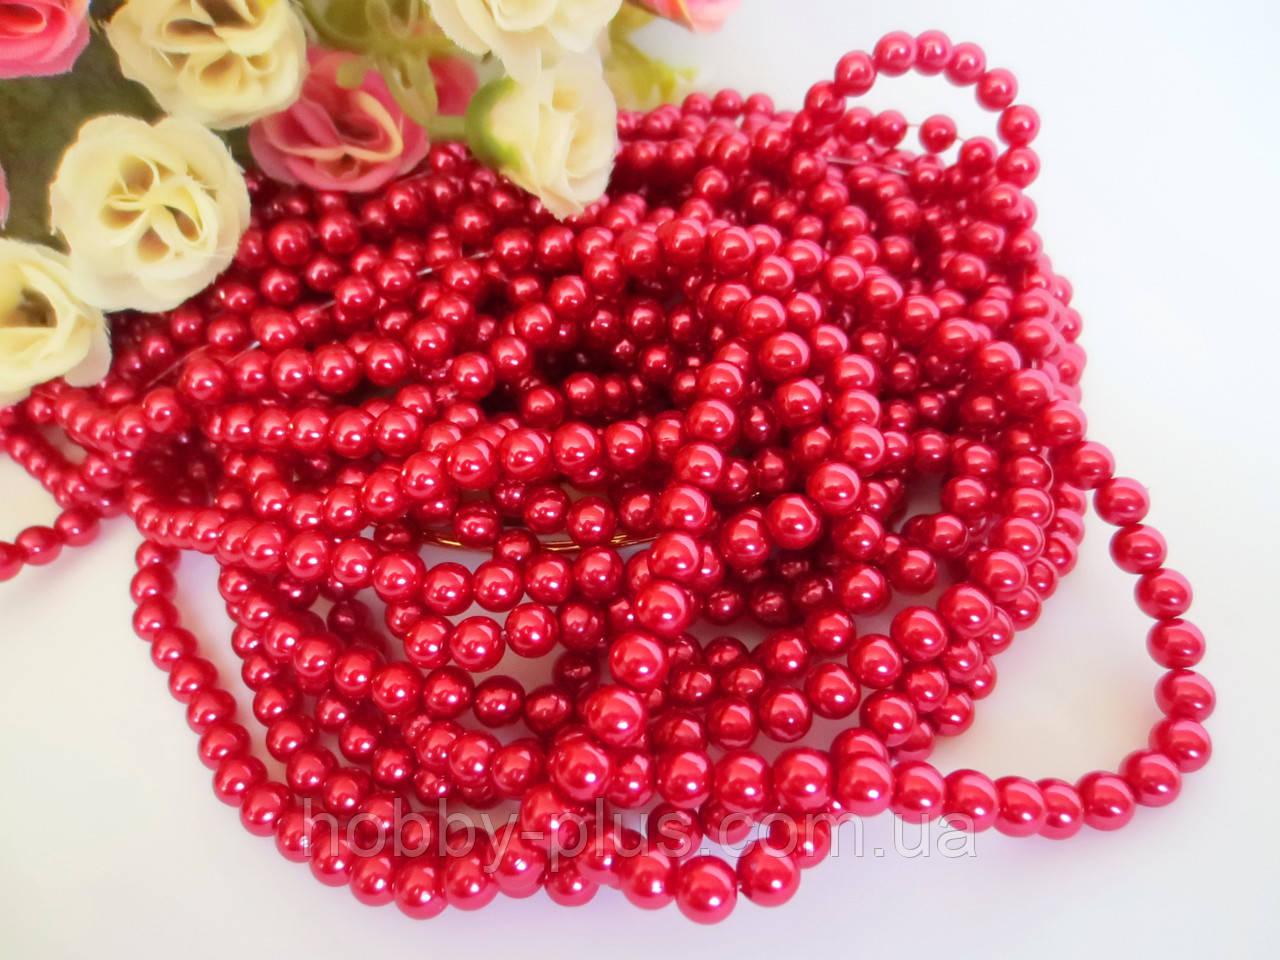 Жемчуг дорогой искусственный, 6 мм, цвет красный, 50 шт.